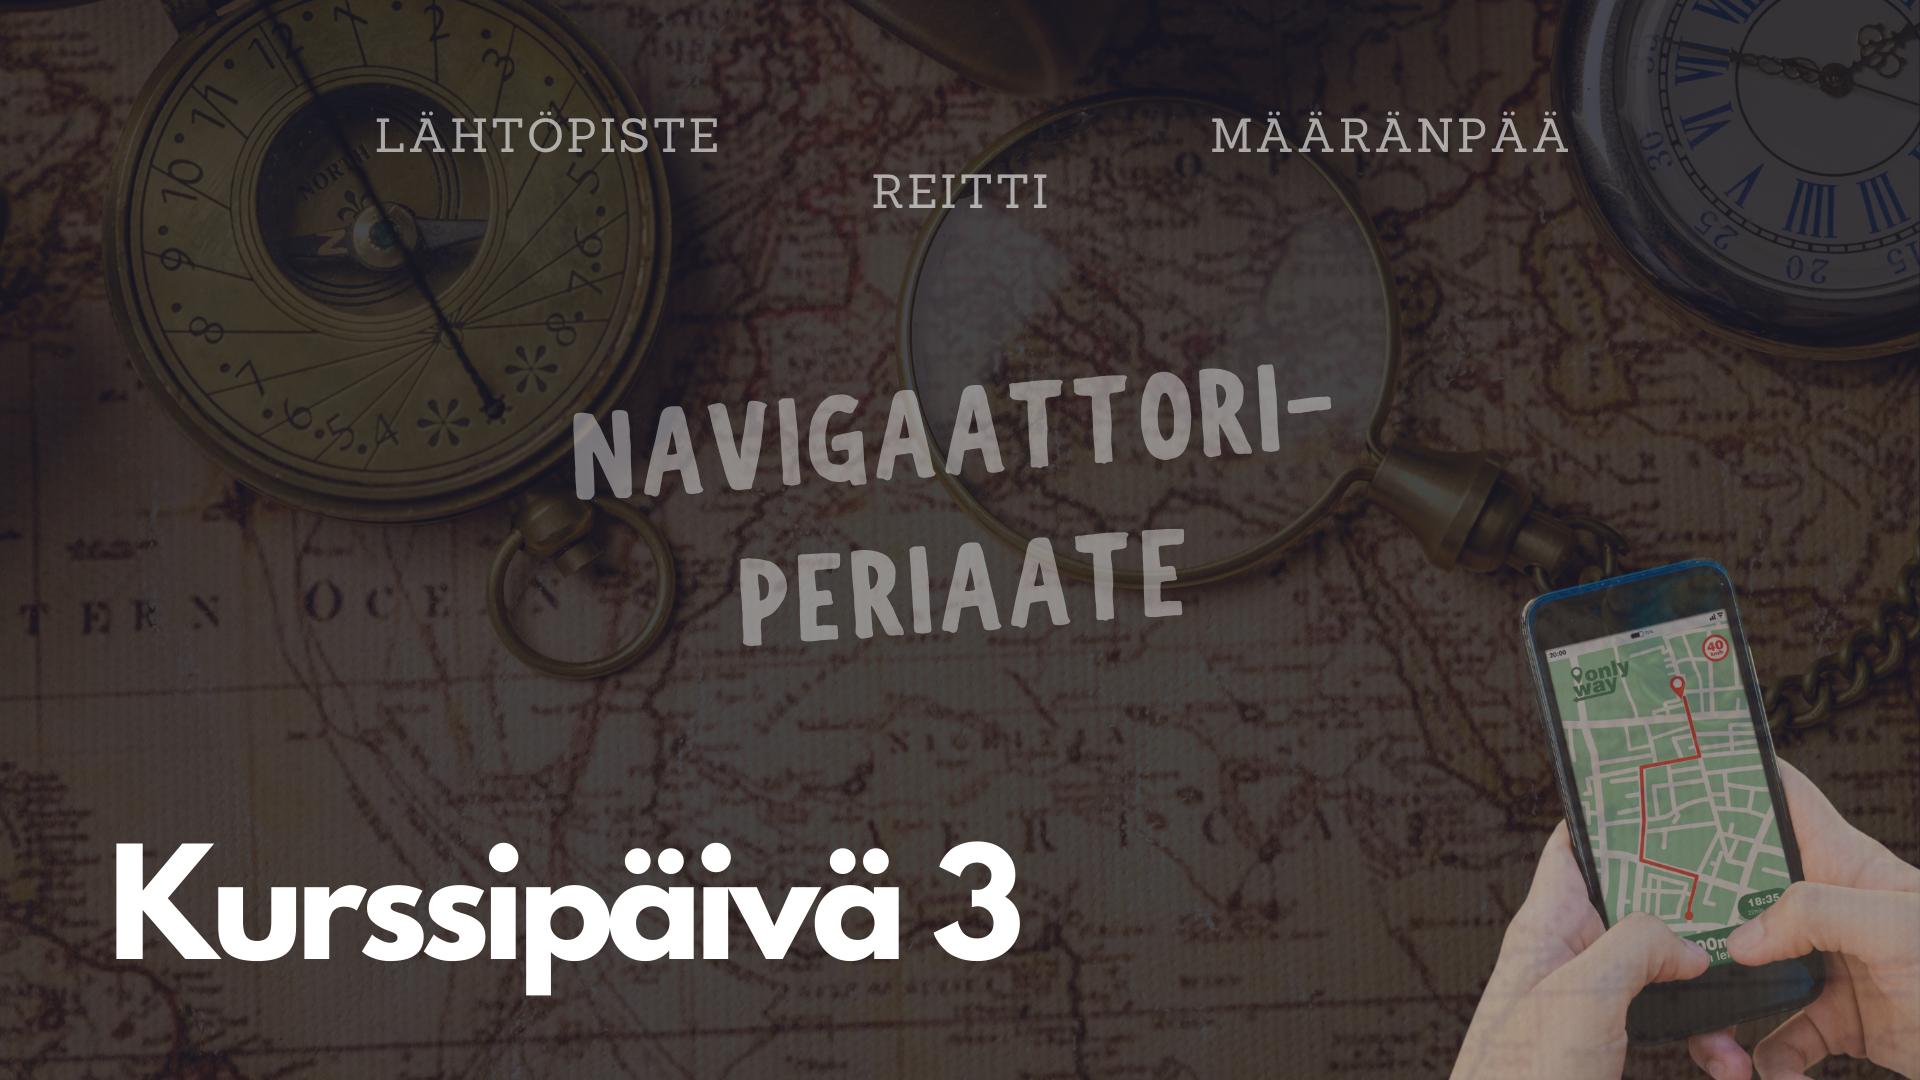 Kurssipäivä 3 - Navigaattoriperiaate